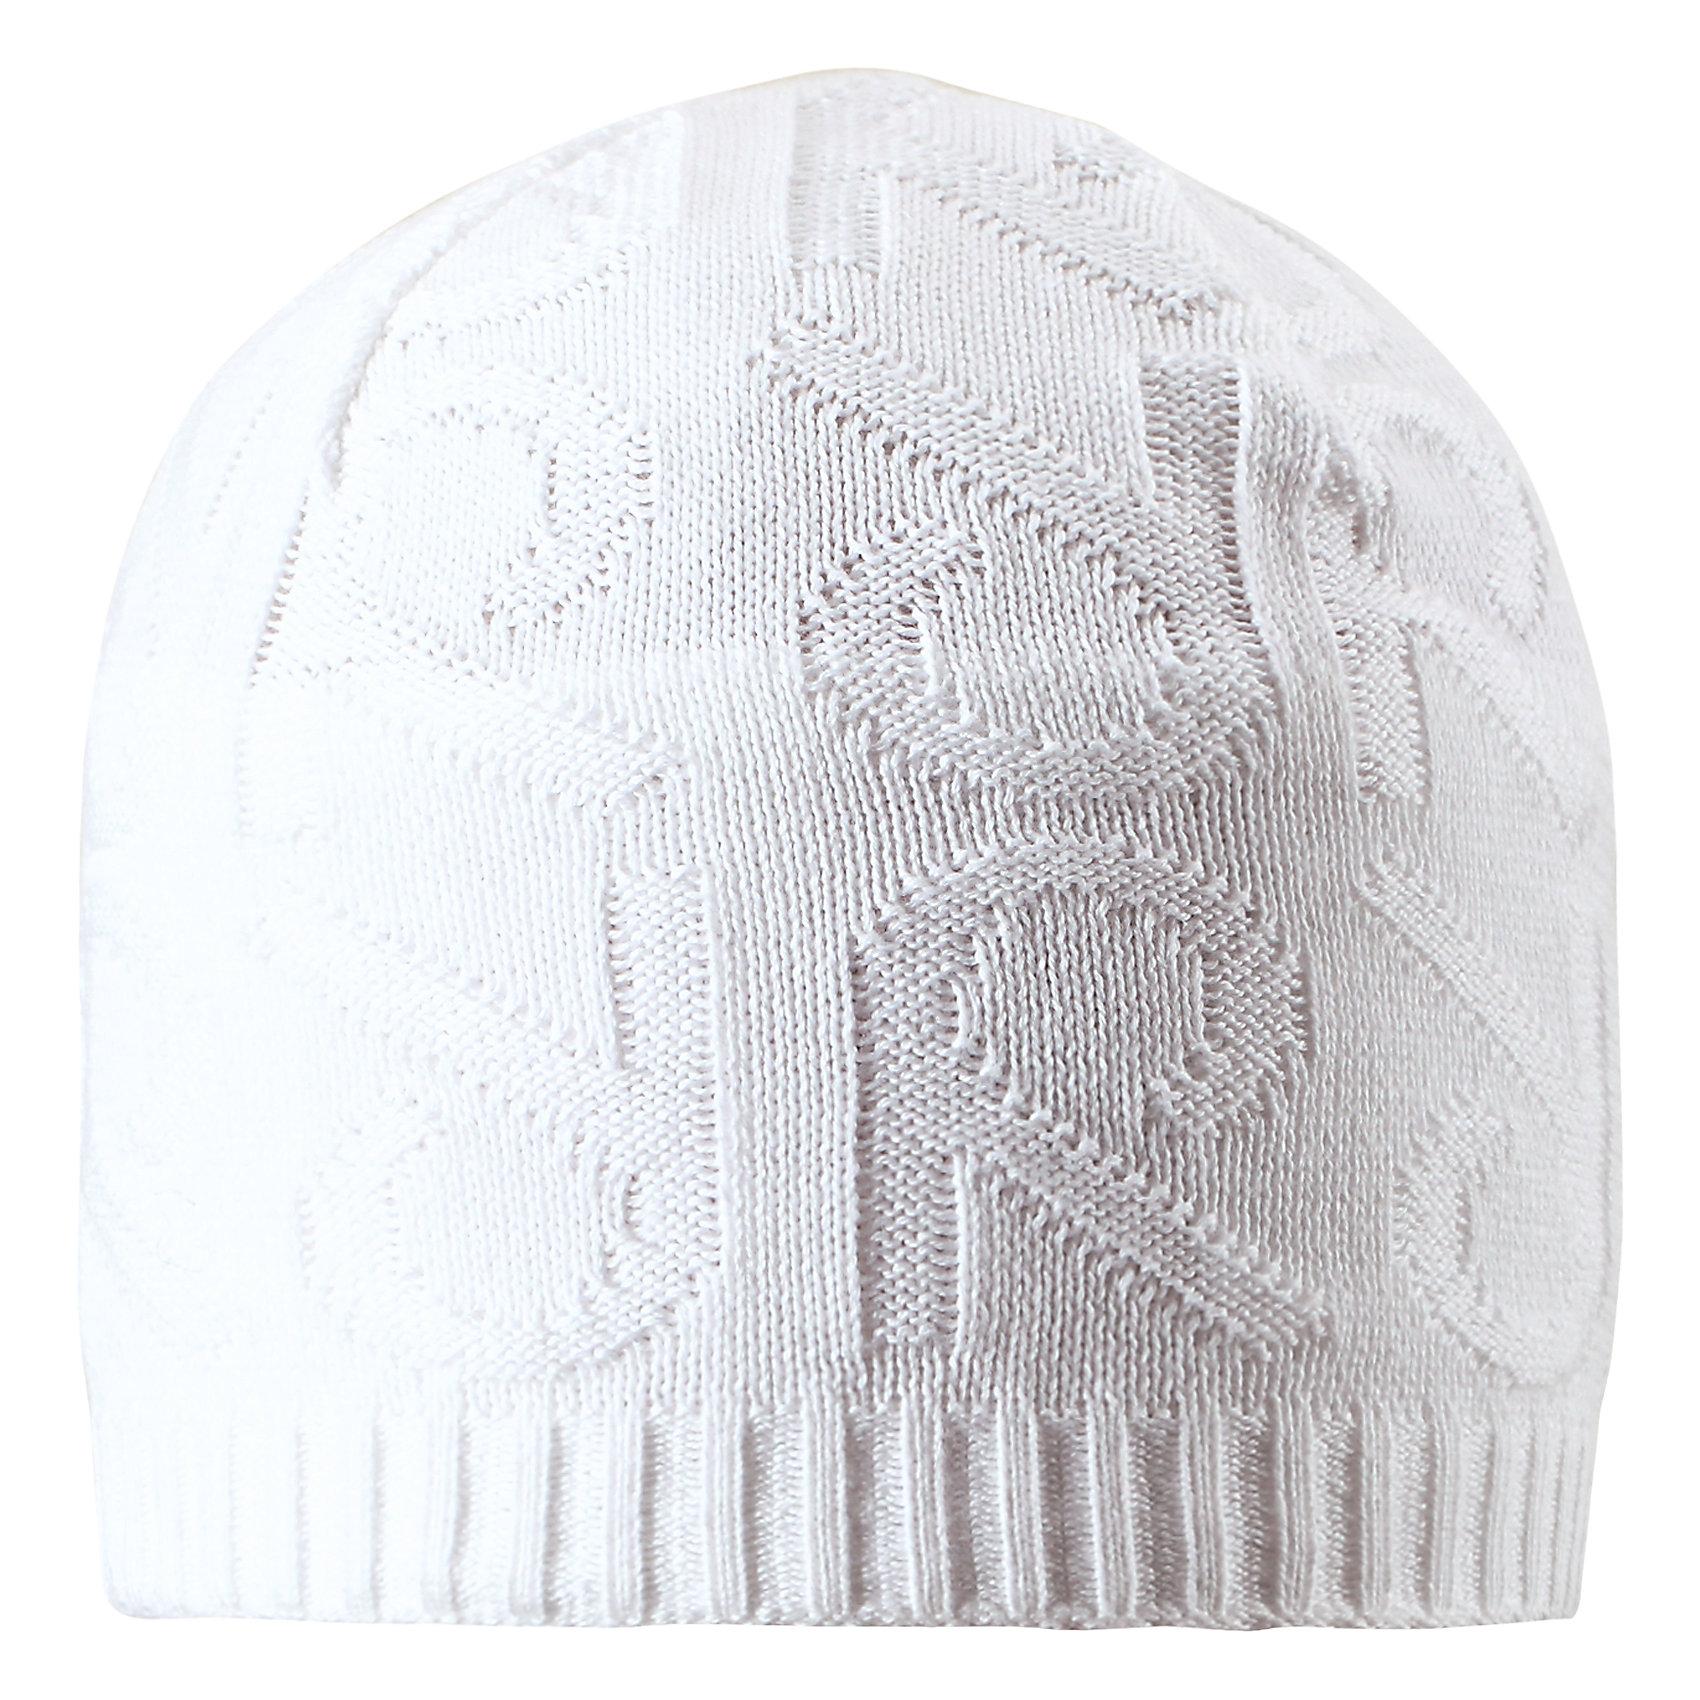 Шапка Ankkuri ReimaШапки и шарфы<br>Характеристики товара:<br><br>• цвет: белый<br>• состав: 100% хлопок<br>• температурный режим: от +7С<br>• эластичный хлопковый трикотаж<br>• изделие сертифицированно по стандарту Oeko-Tex на продукцию класса 2 - одежда, контактирующая с кожей<br>• ветронепроницаемые вставки в области ушей<br>• полуподкладка: хлопковый трикотаж<br>• эмблема Reima сзади<br>• декортивная структурная вязка<br>• светоотражающая эмблема сзади<br>• страна бренда: Финляндия<br>• страна производства: Китай<br><br>Детский головной убор может быть модным и удобным одновременно! Стильная шапка поможет обеспечить ребенку комфорт и дополнить наряд.Шапка удобно сидит и аккуратно выглядит. Проста в уходе, долго служит. Стильный дизайн разрабатывался специально для детей. Отличная защита от дождя и ветра!<br><br>Уход:<br><br>• стирать по отдельности, вывернув наизнанку<br>• придать первоначальную форму вo влажном виде<br>• возможна усадка 5 %.<br><br>Шапку от финского бренда Reima (Рейма) можно купить в нашем интернет-магазине.<br><br>Ширина мм: 89<br>Глубина мм: 117<br>Высота мм: 44<br>Вес г: 155<br>Цвет: белый<br>Возраст от месяцев: 84<br>Возраст до месяцев: 144<br>Пол: Унисекс<br>Возраст: Детский<br>Размер: 56,54,50,52<br>SKU: 5267950